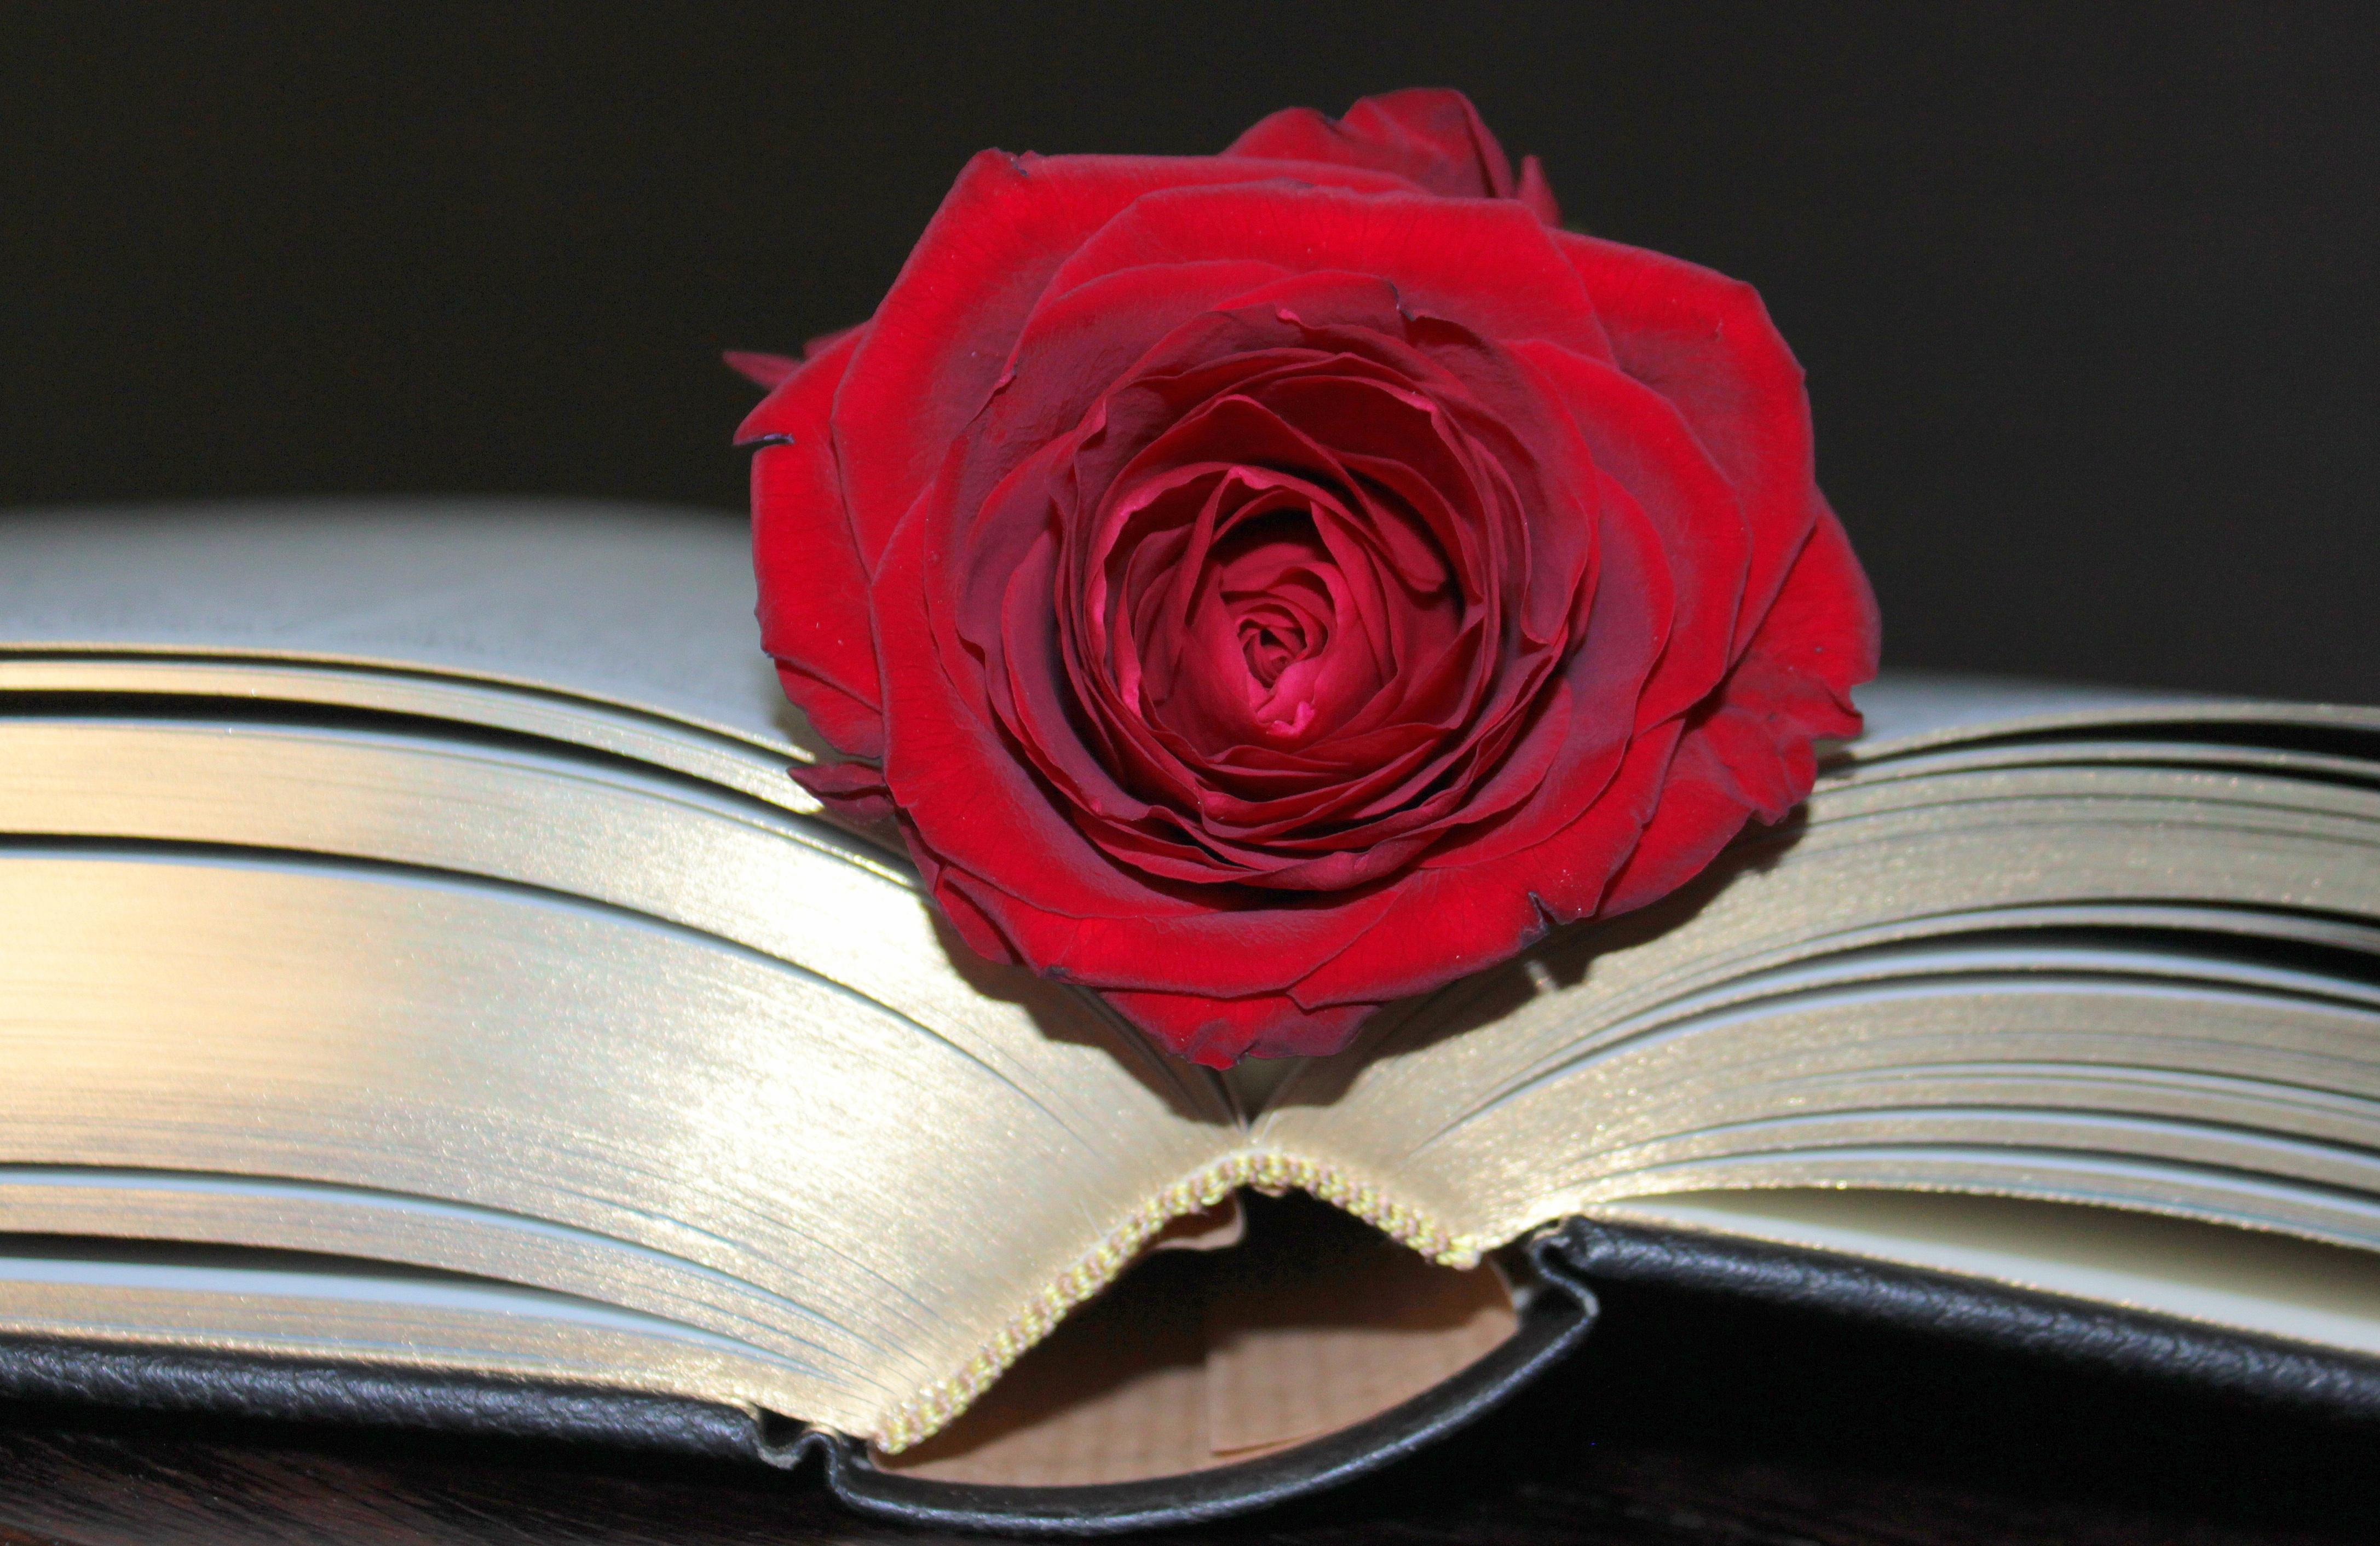 Роза жизни книга скачать бесплатно